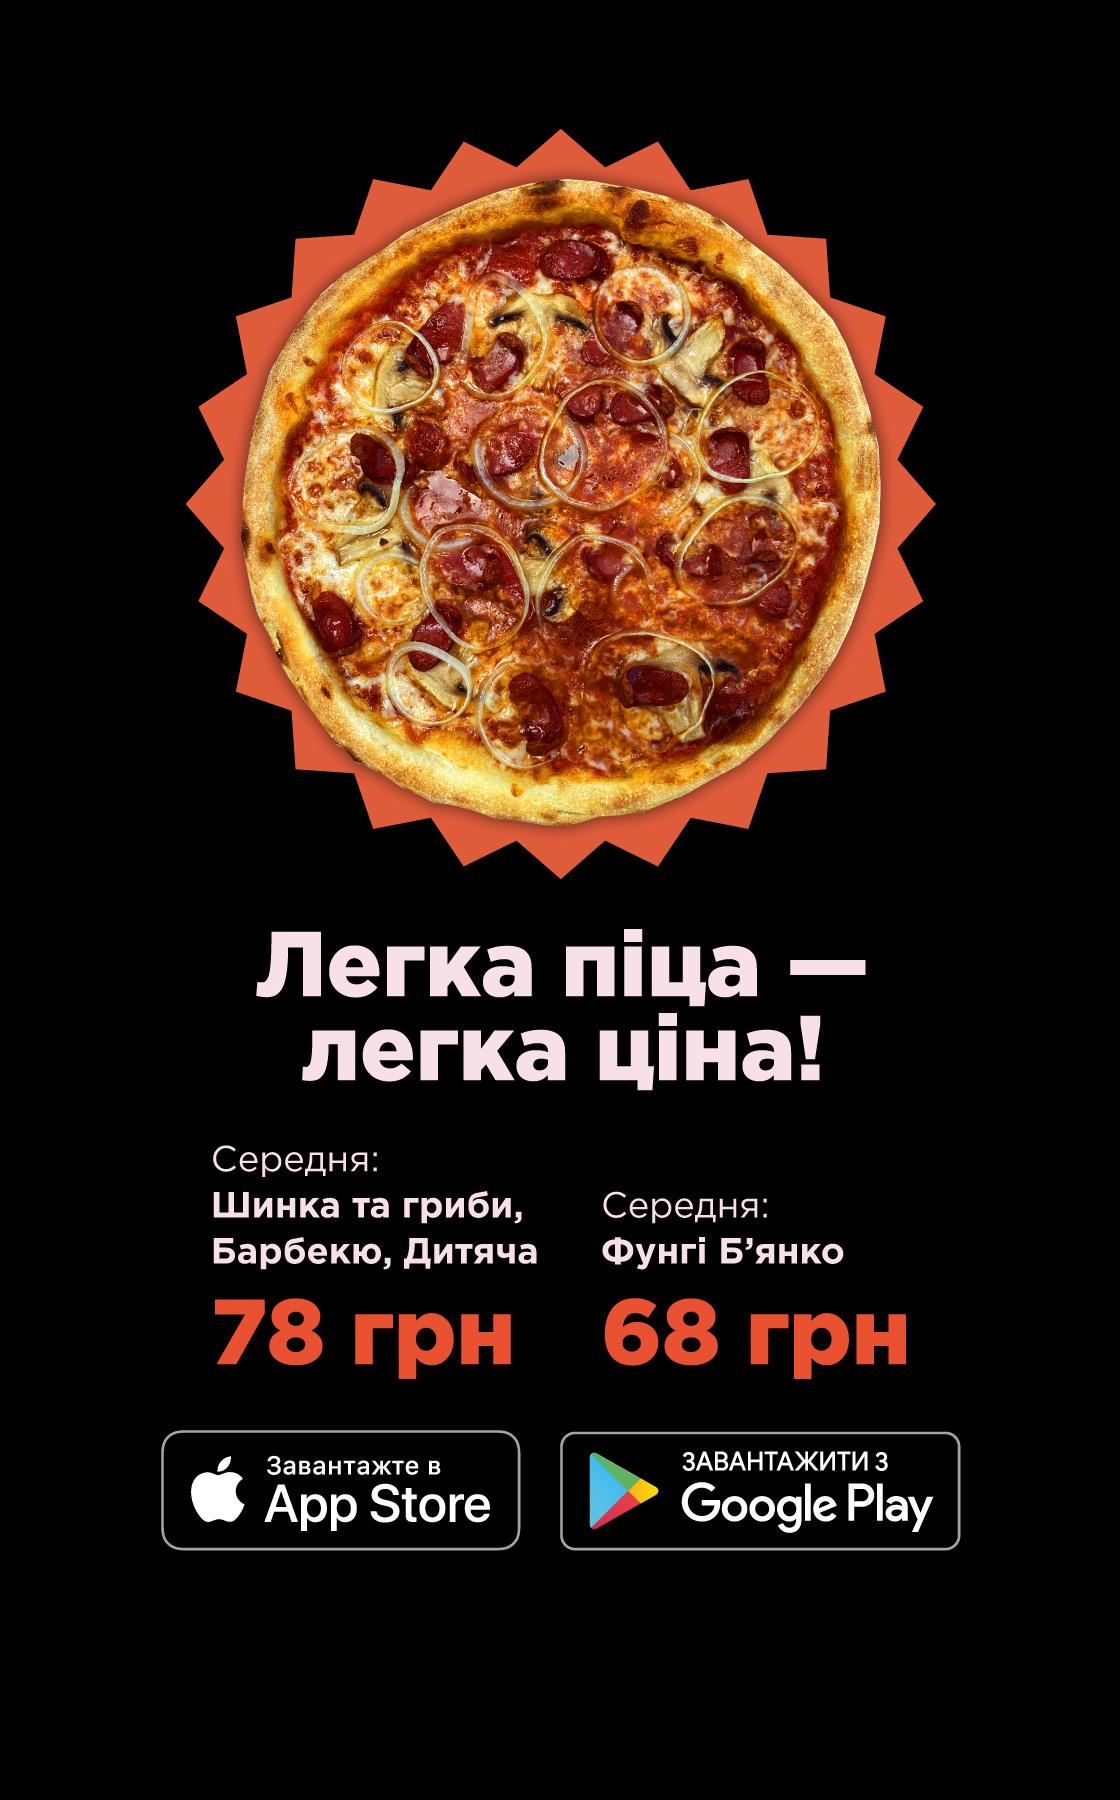 Легка піца — легка ціна!